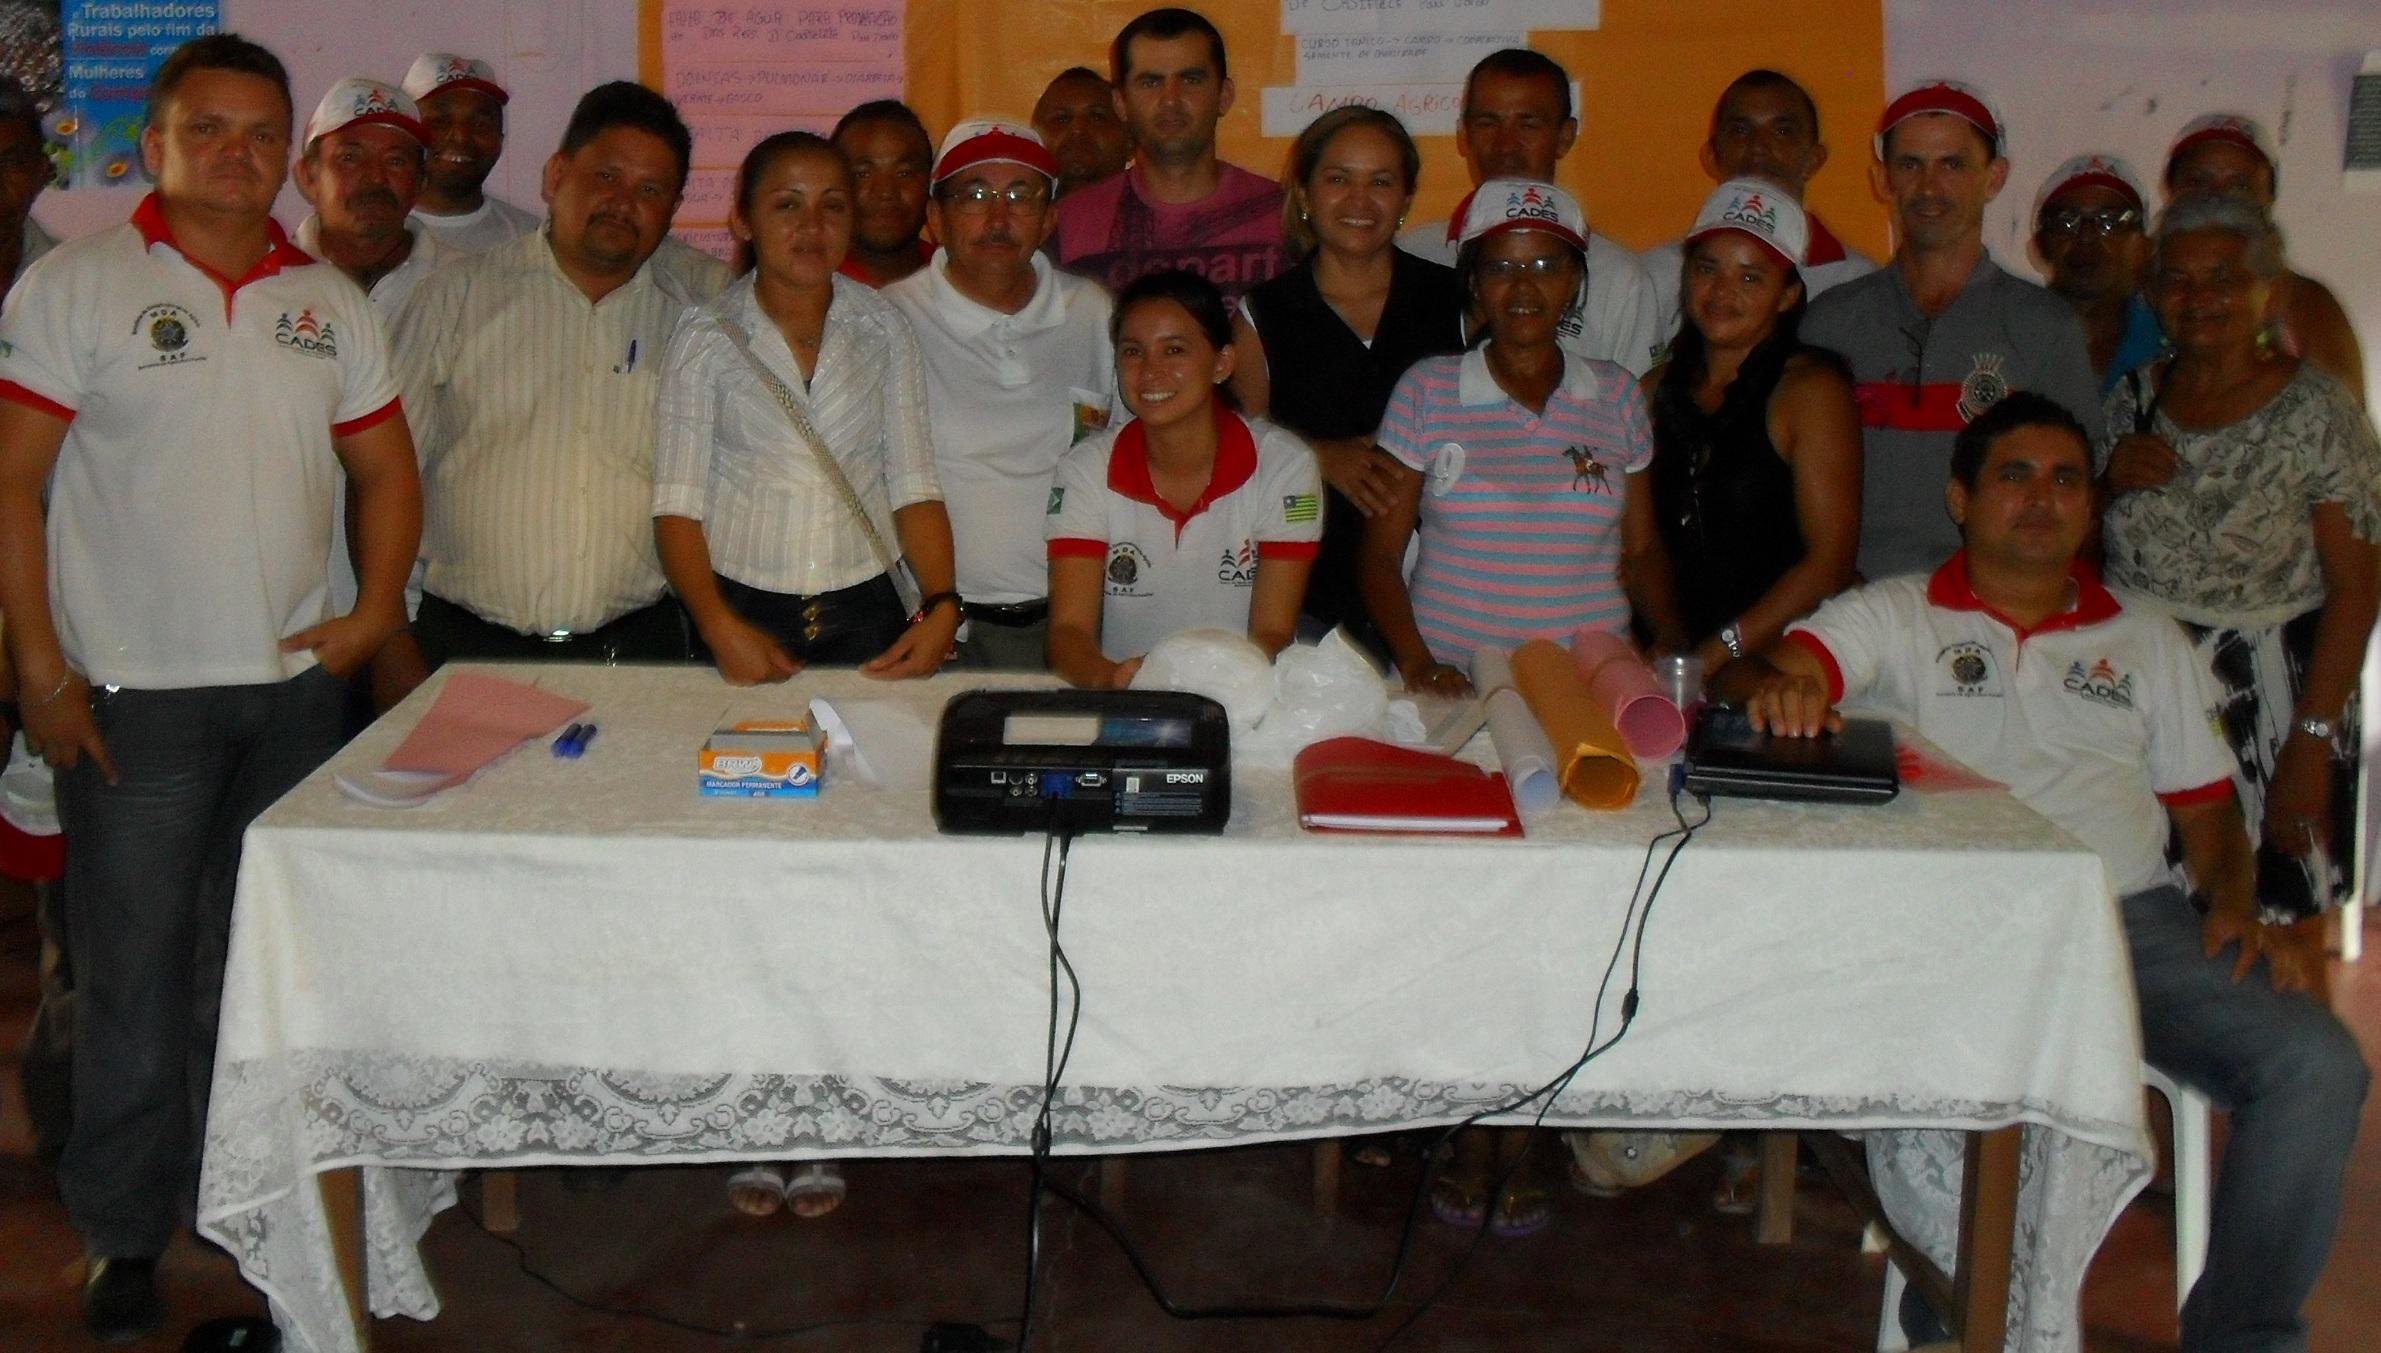 STTR-Altos capacita agricultores em parceria com o Ministério do Desenvolvilento Agrário